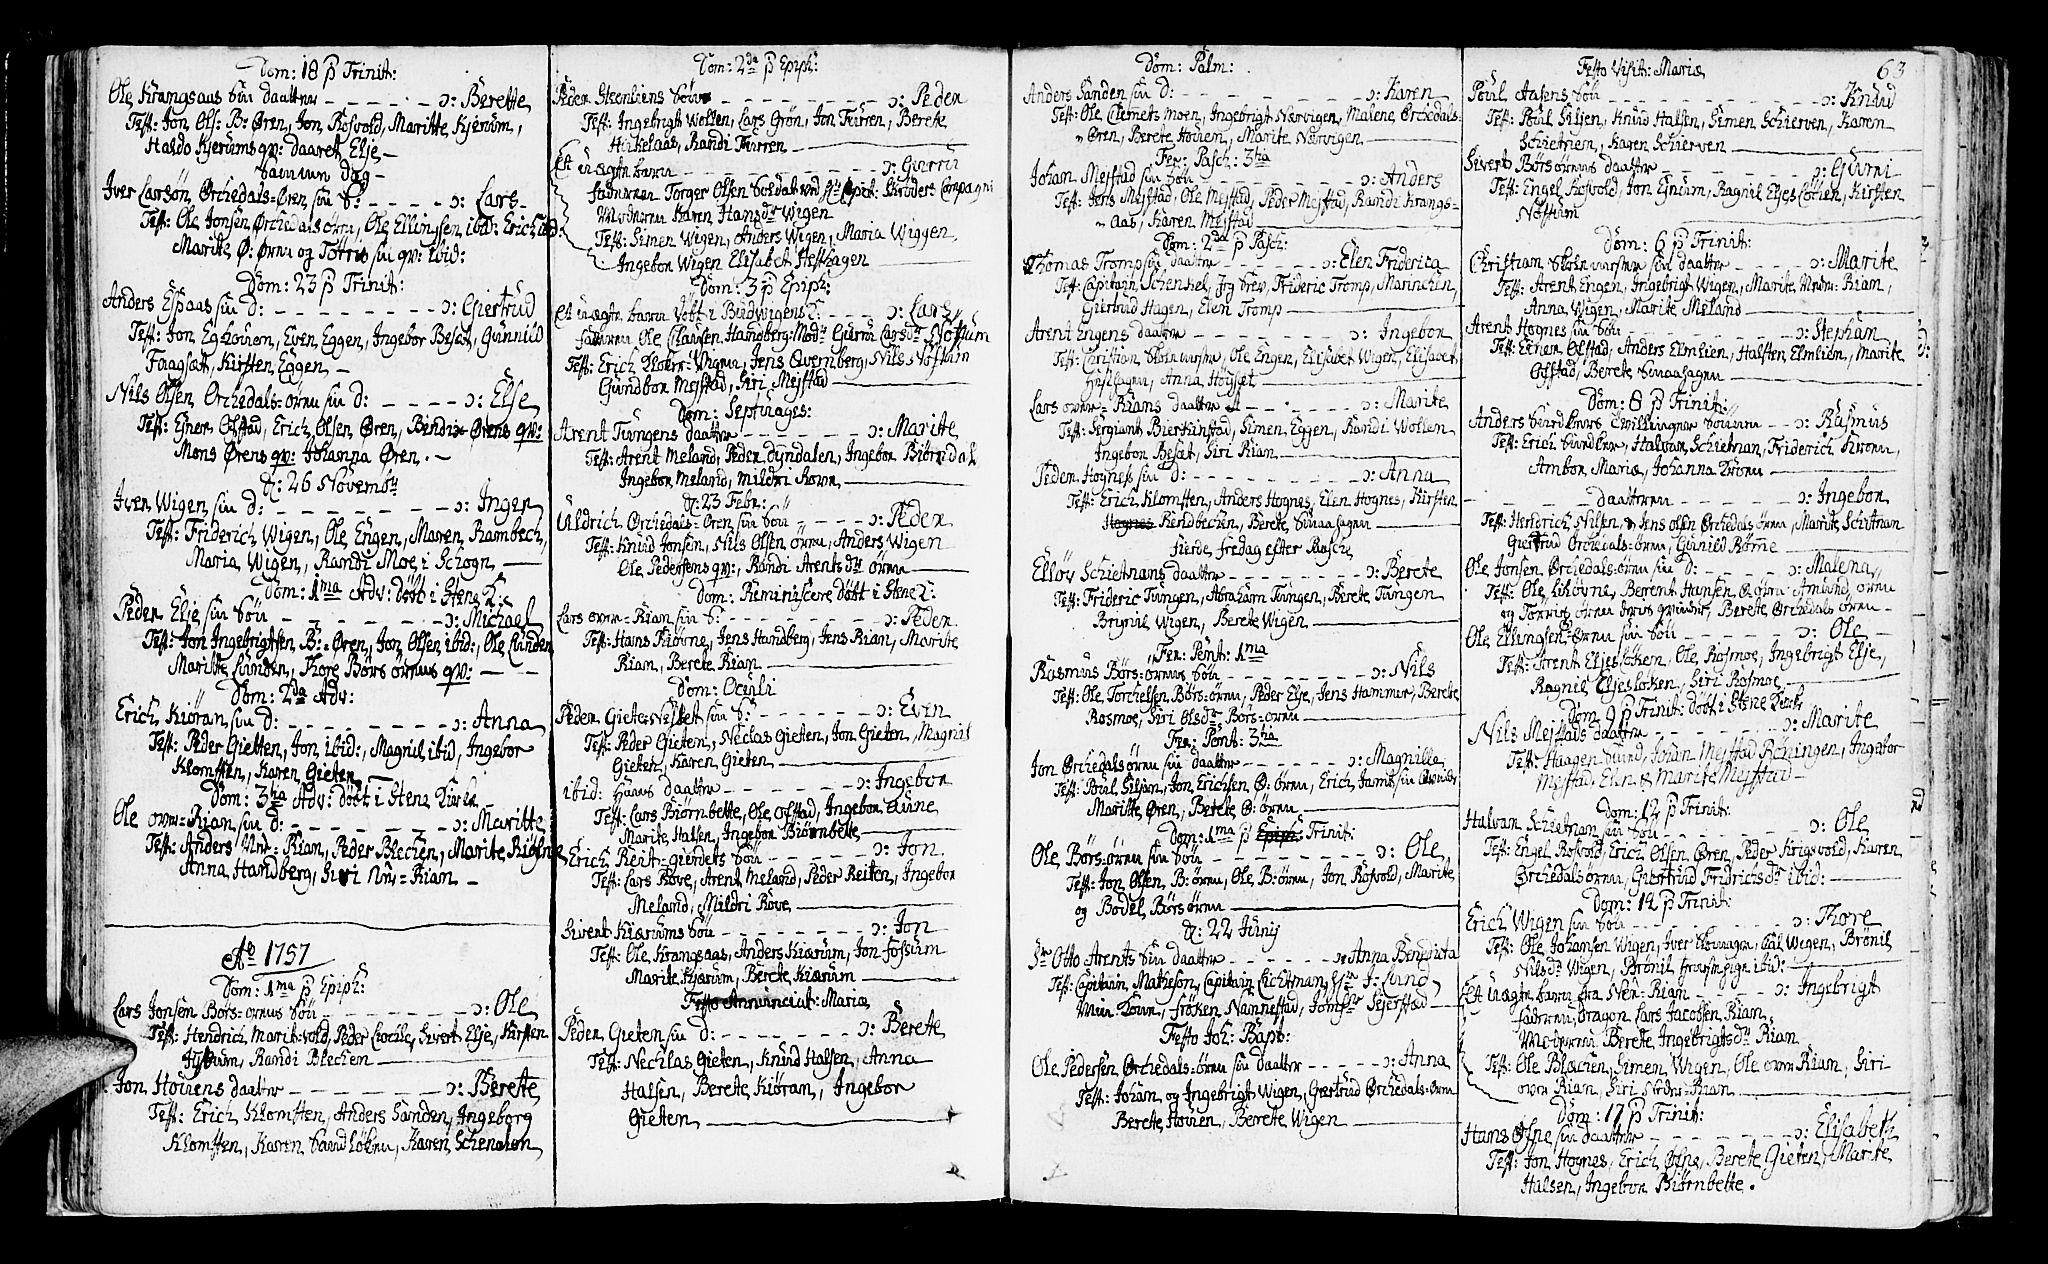 SAT, Ministerialprotokoller, klokkerbøker og fødselsregistre - Sør-Trøndelag, 665/L0768: Ministerialbok nr. 665A03, 1754-1803, s. 63